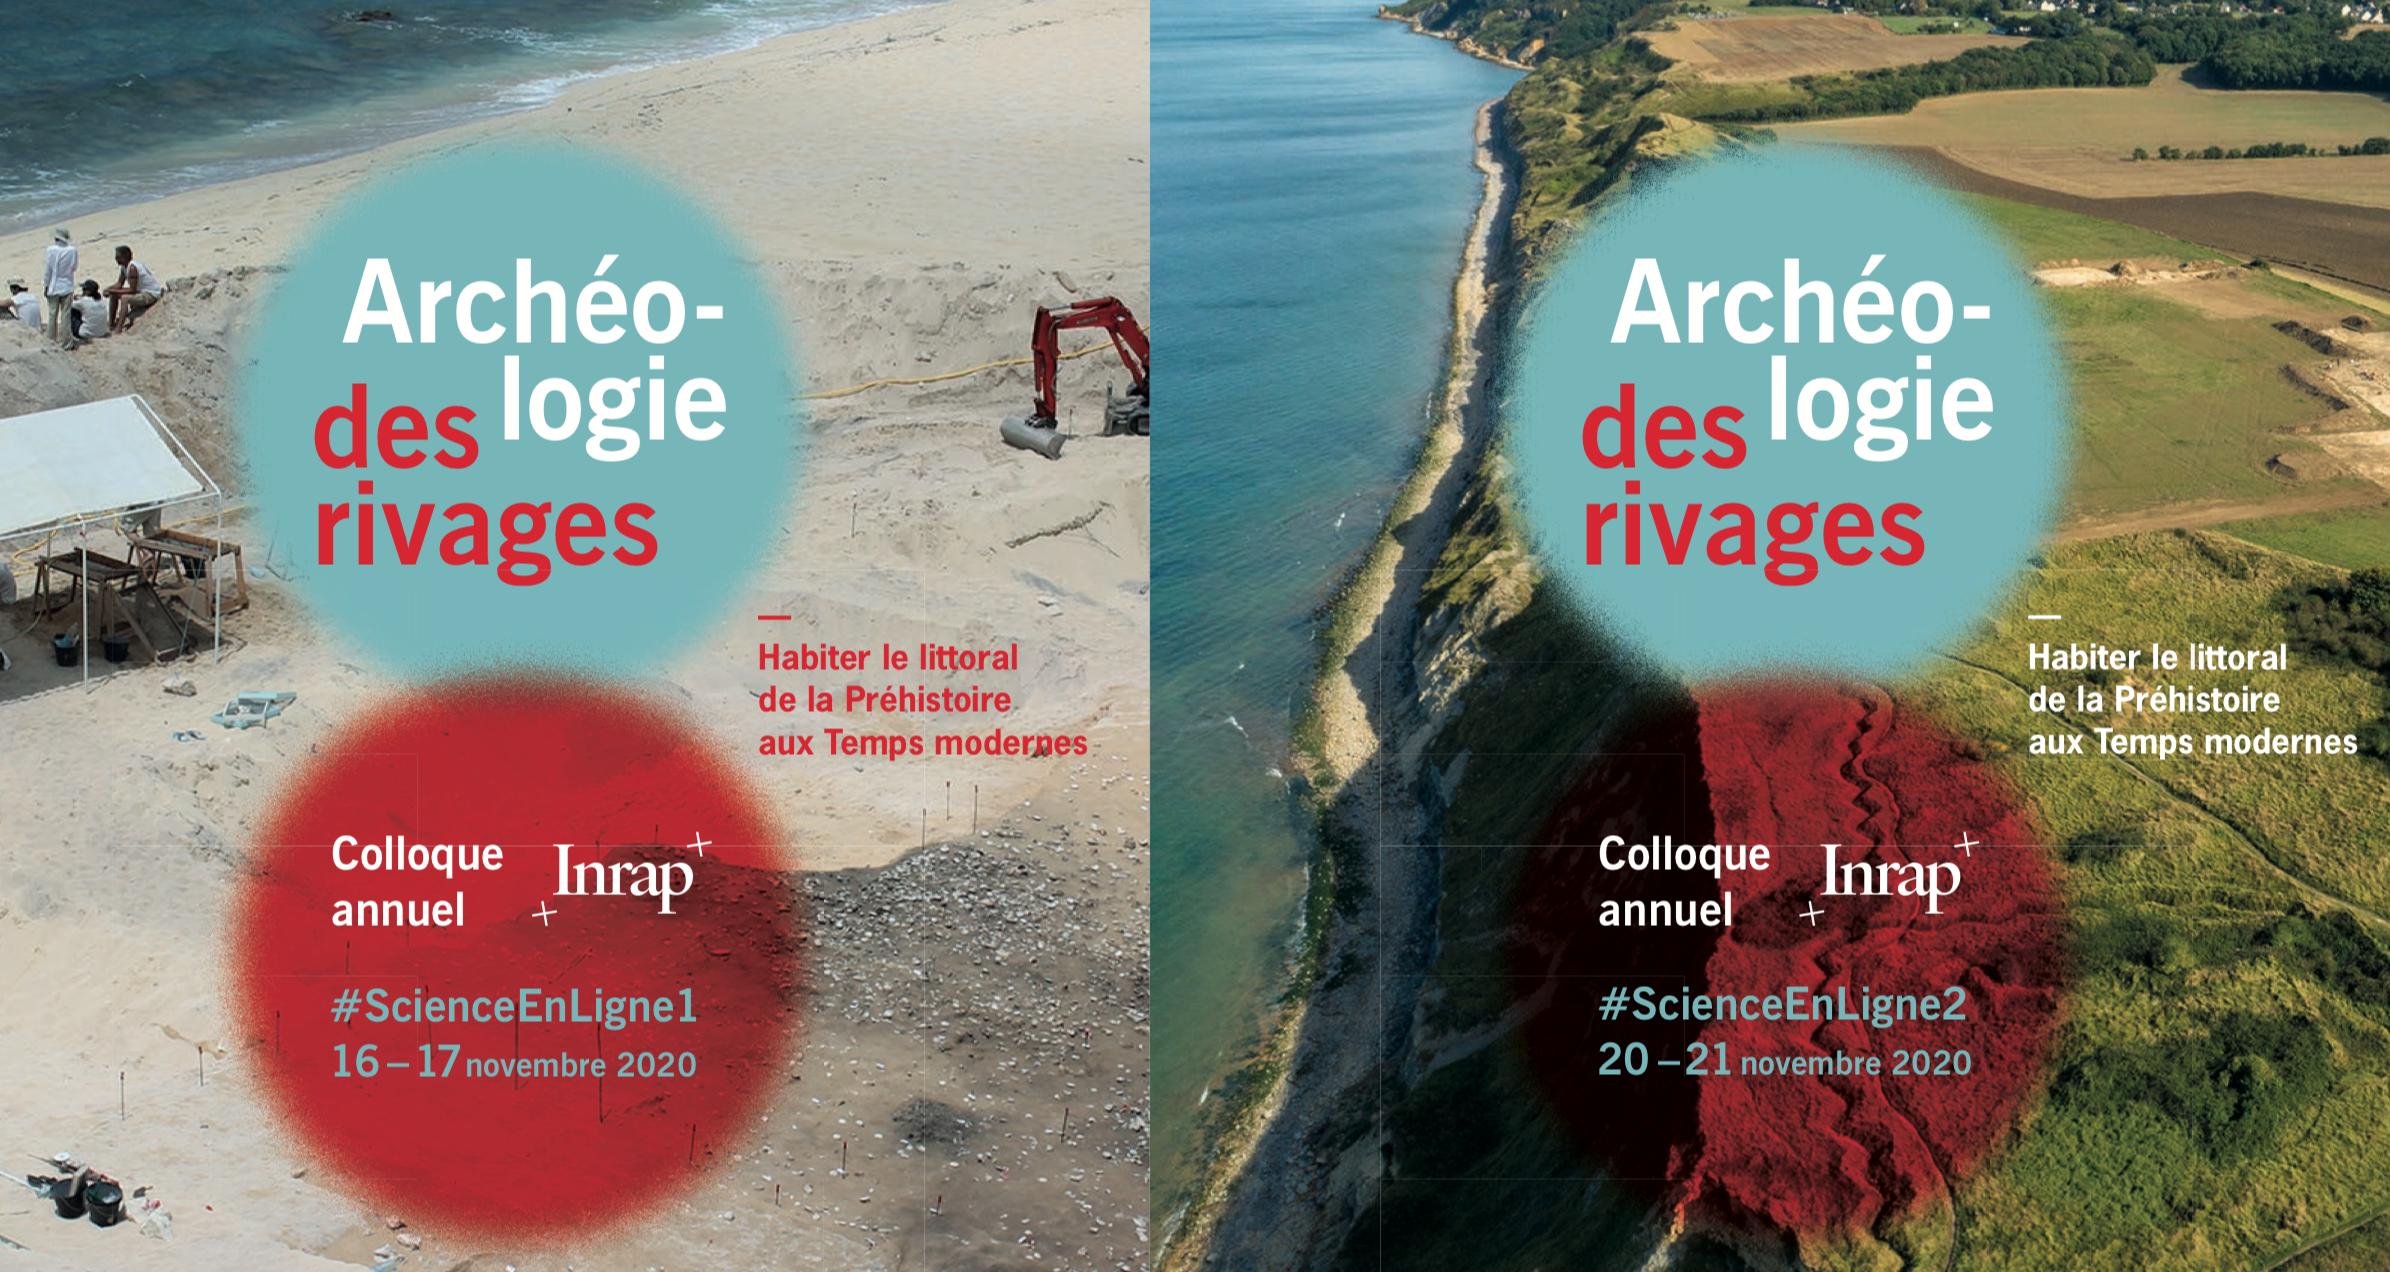 L'INRAP et l'Université des Antilles lancent un colloque annuel sur l'« Archéologie des rivages. Habiter le littoral de la Préhistoire aux Temps modernes »